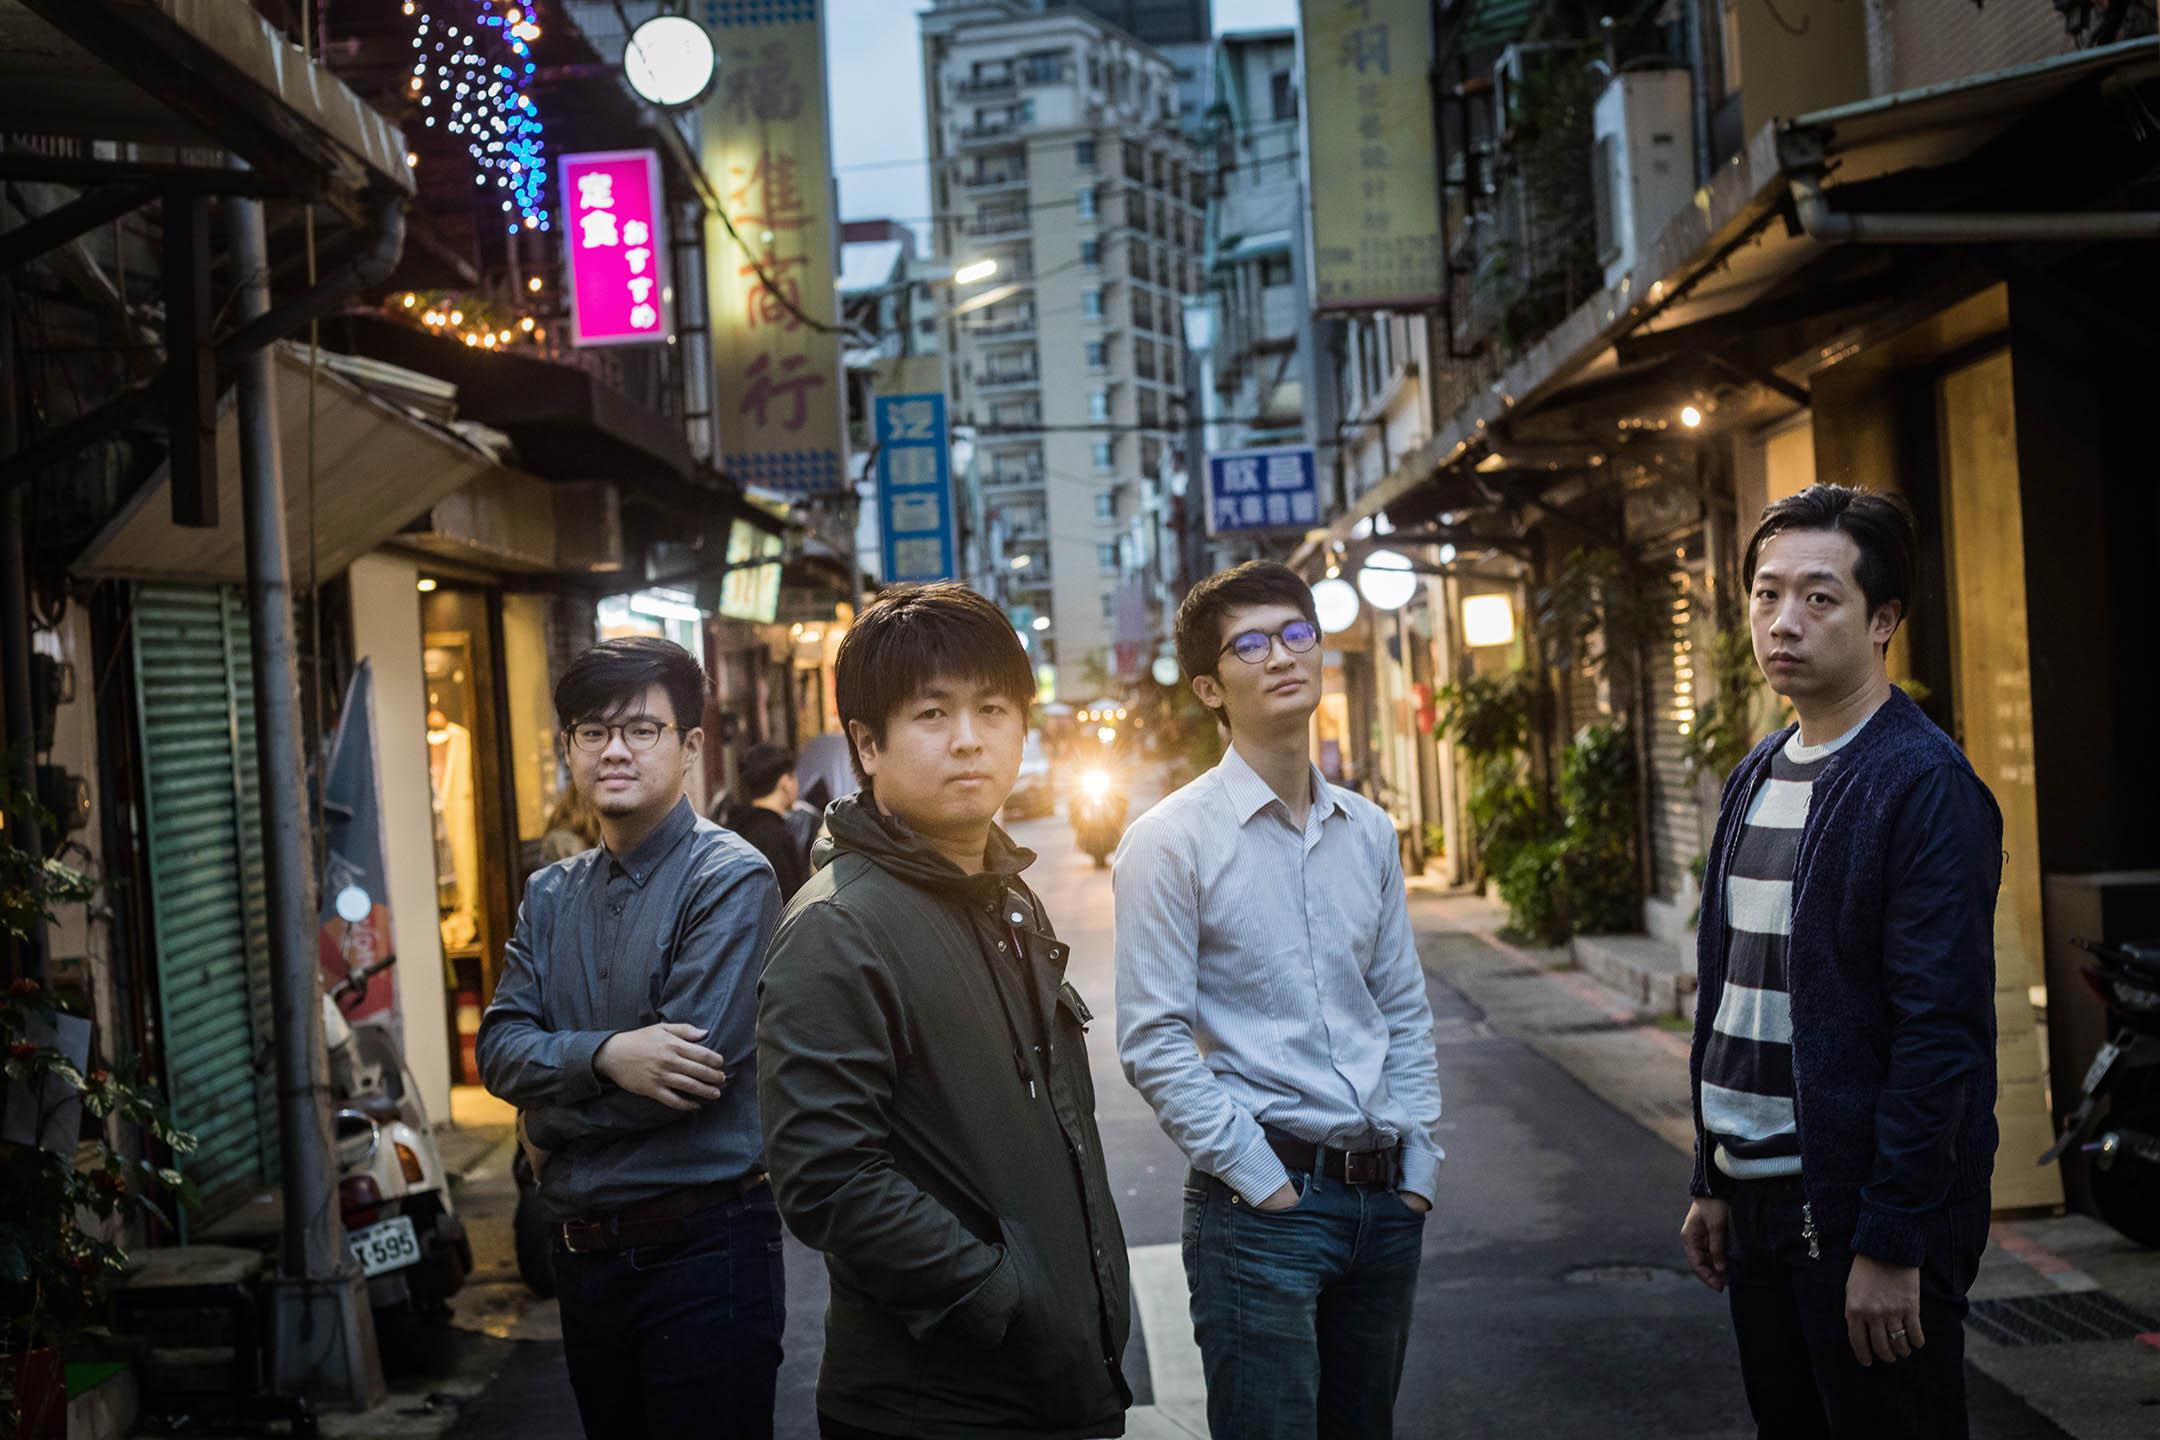 《高雄大空襲》製作團隊,包括(左起)繪師諾米、迷走的創辦人兼遊戲製作人張少濂、設計師鄧傑民,以及美術設計師賴柏燁。 攝:陳焯煇/端傳媒